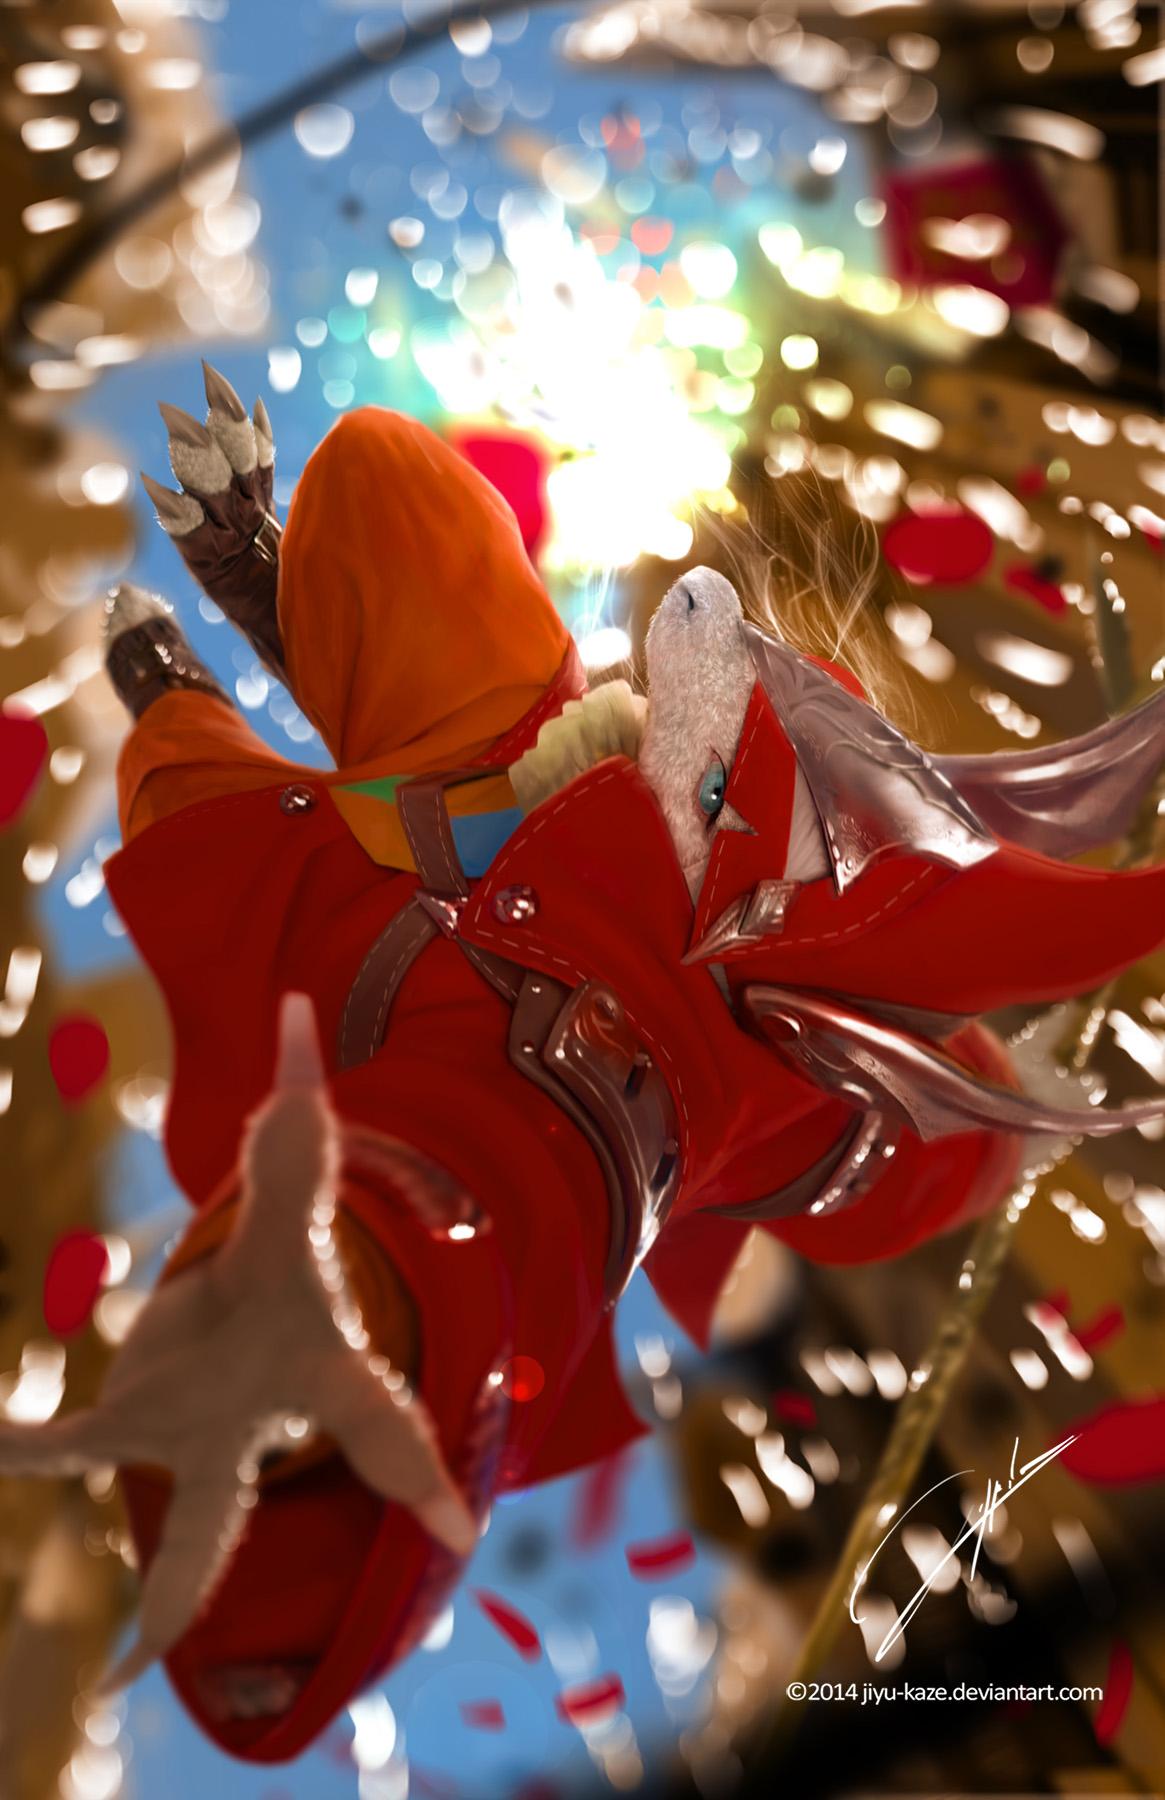 freya crescent final fantasy 9 by Jiyu-Kaze